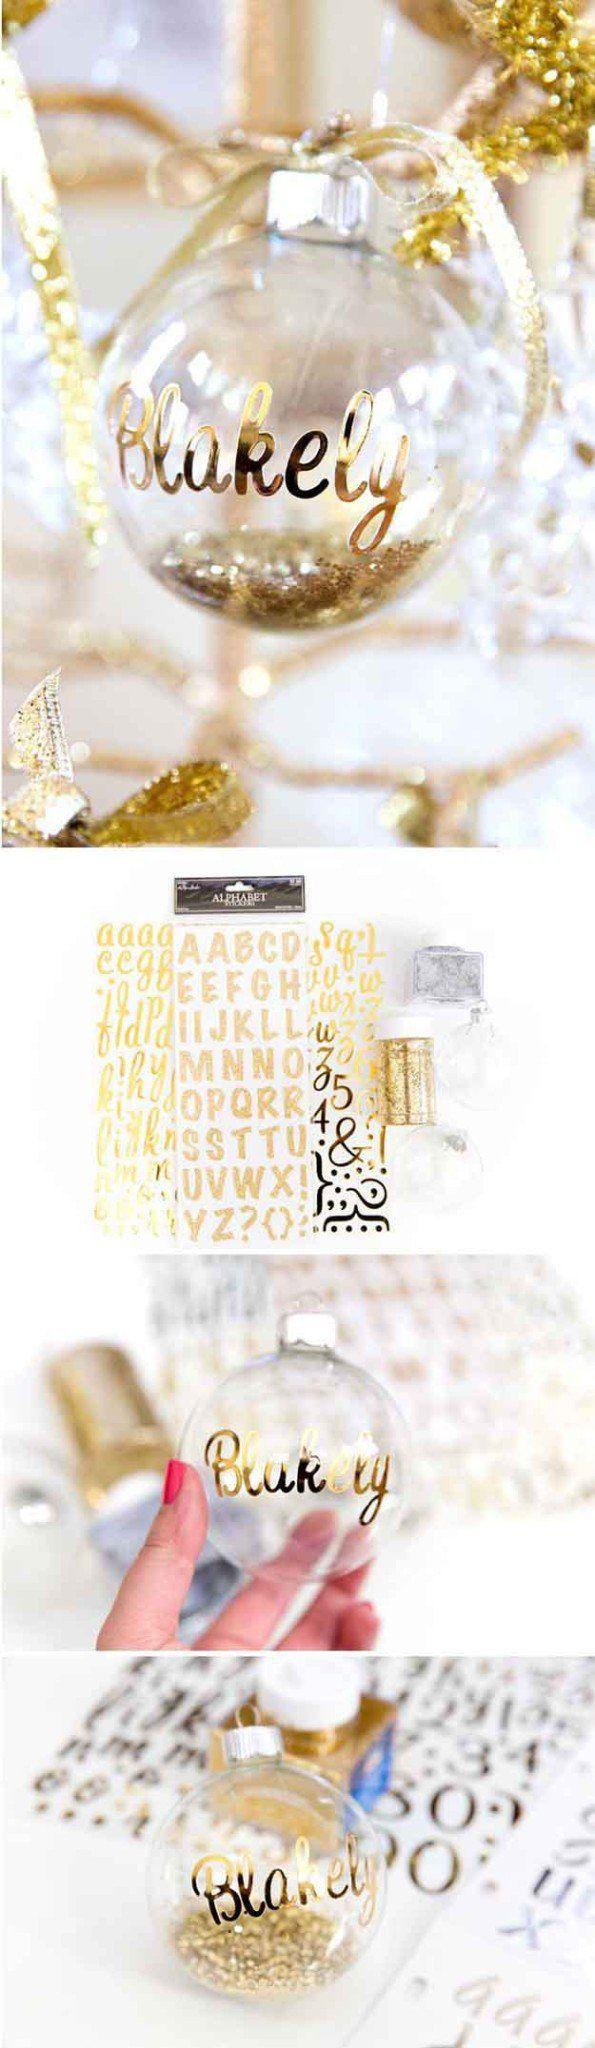 Bricolaje Adornos personalizados | 27 espectacularmente DIY fácil ornamentos de navidad, ver más en http://artesaniasdebricolaje.ru/spectacularly-easy-diy-ornaments-for-your-christmas-tree